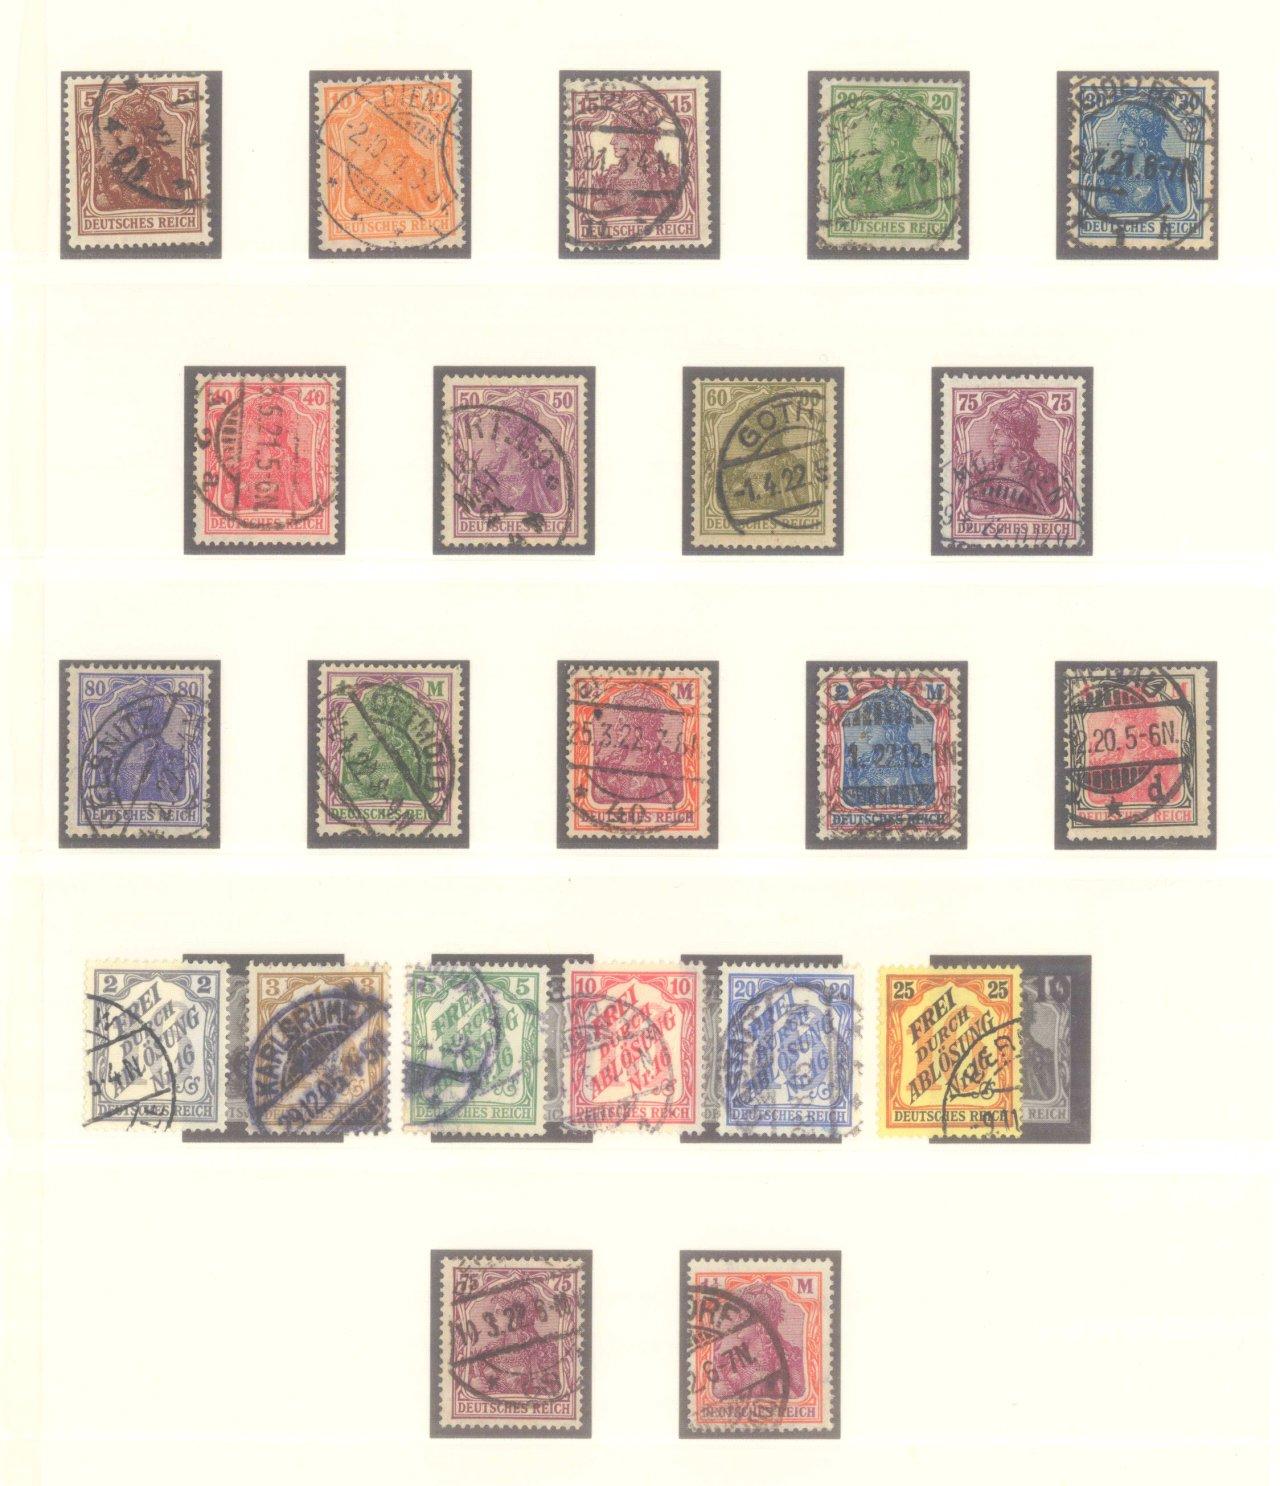 DEUTSCHES REICH – Kaiserreich 1875-1920-6